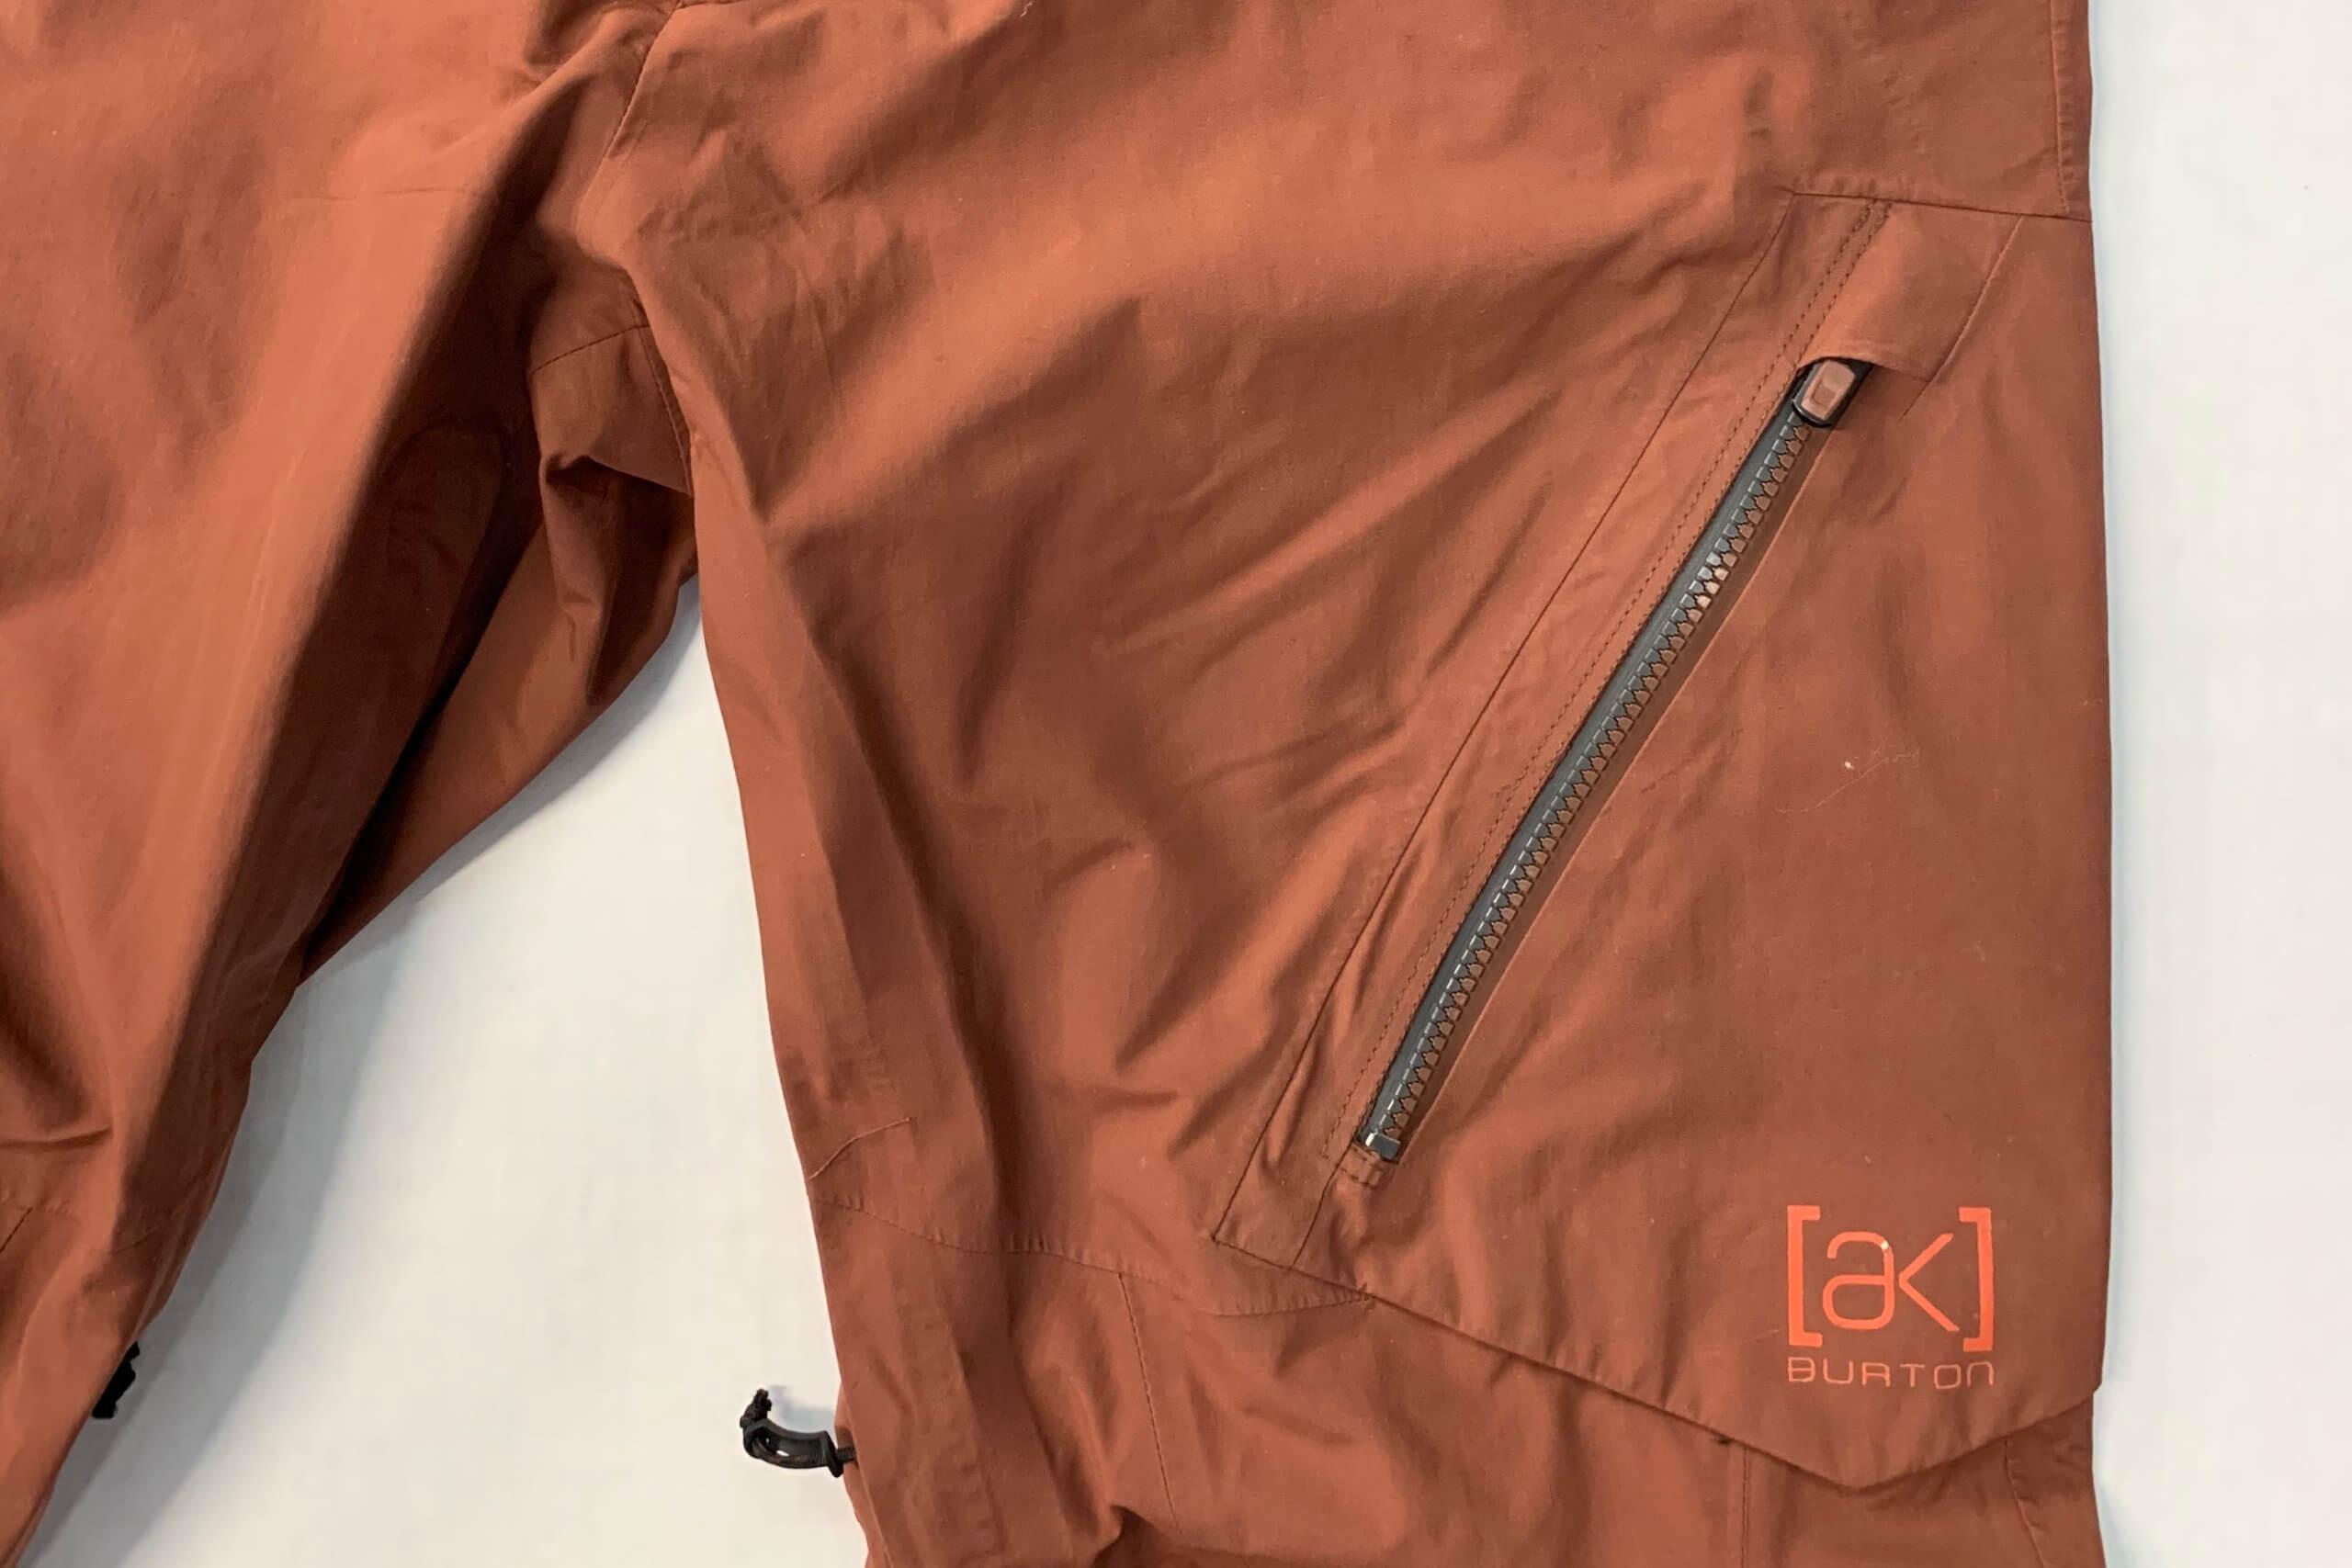 Burton bib zipper repair